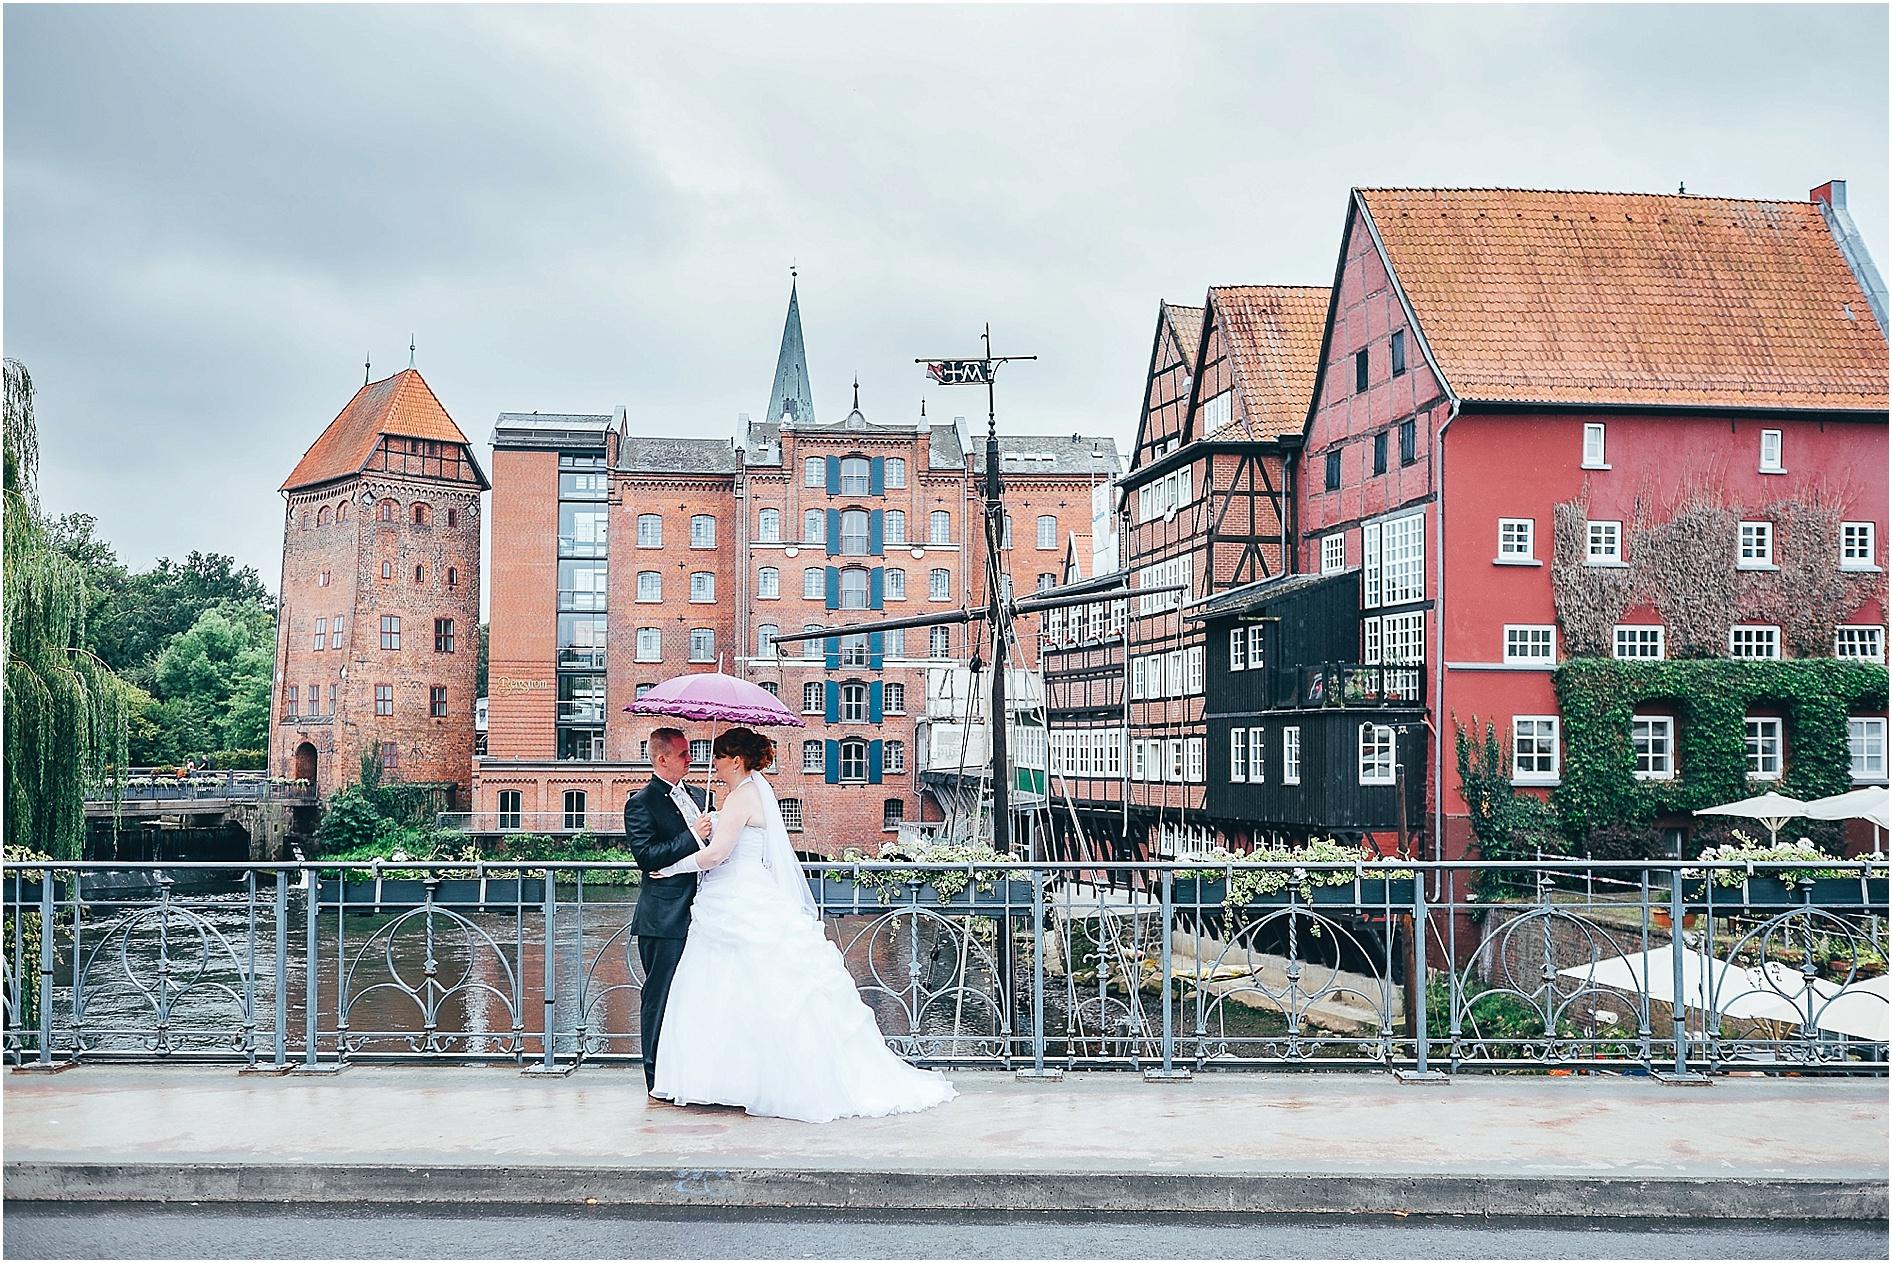 2014-11-20_0069 Lora & Daniel - Als Hochzeitsfotograf in Lüneburg